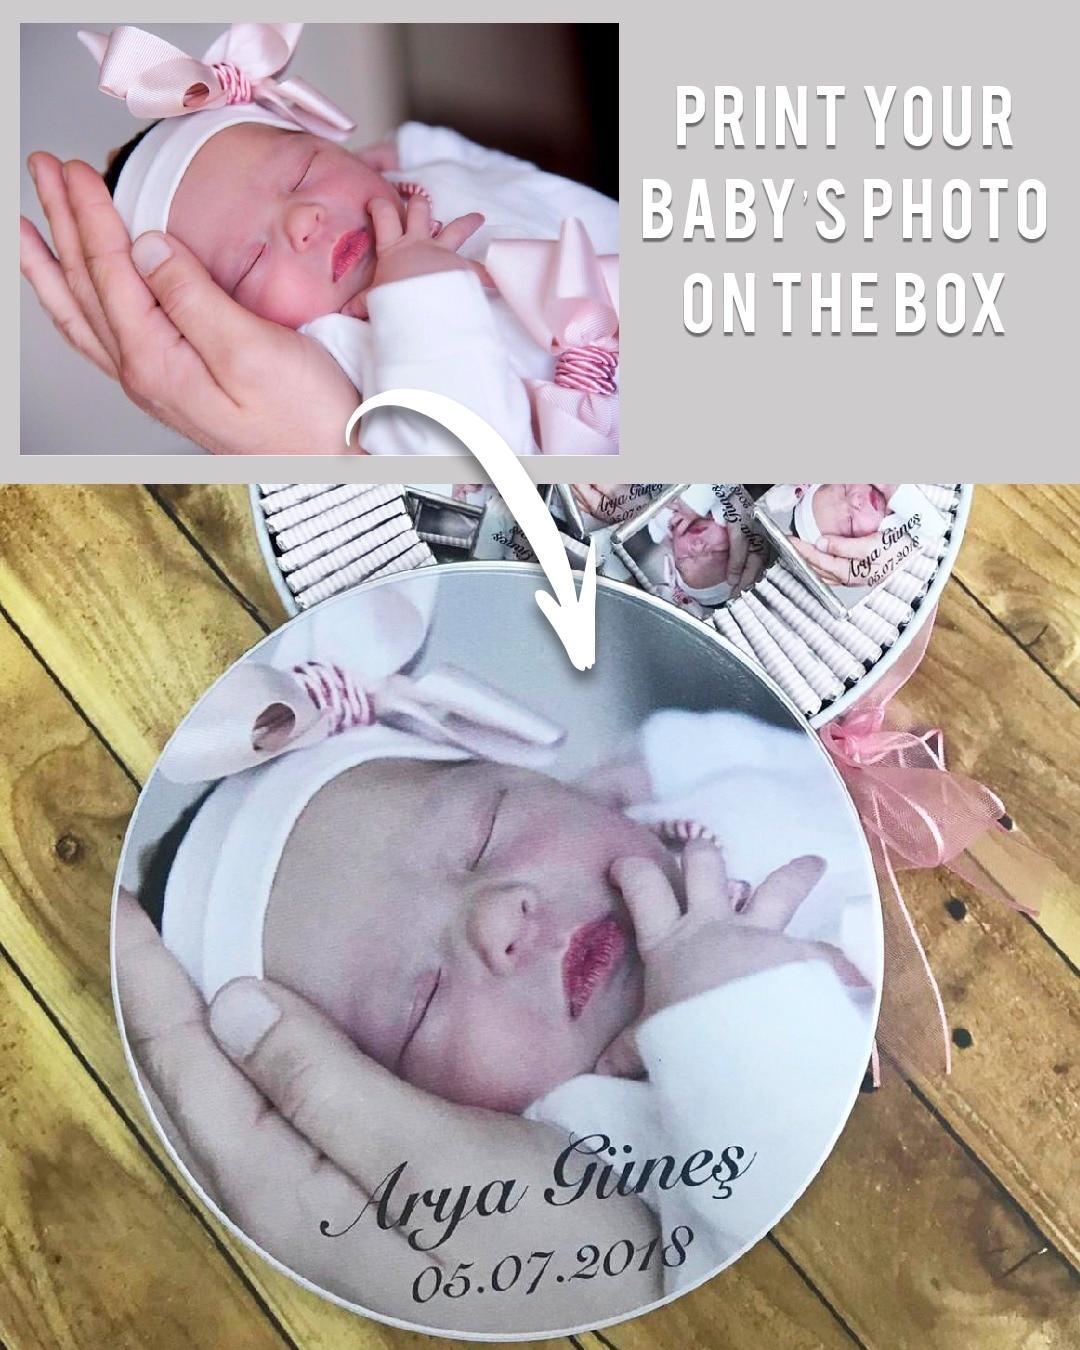 Personalisierte Zinn Box Baby Dusche Junge Mädchen Nach Foto Neugeborenen für Taufe Sneak Keks Schokolade KEINE SCHOKOLADE